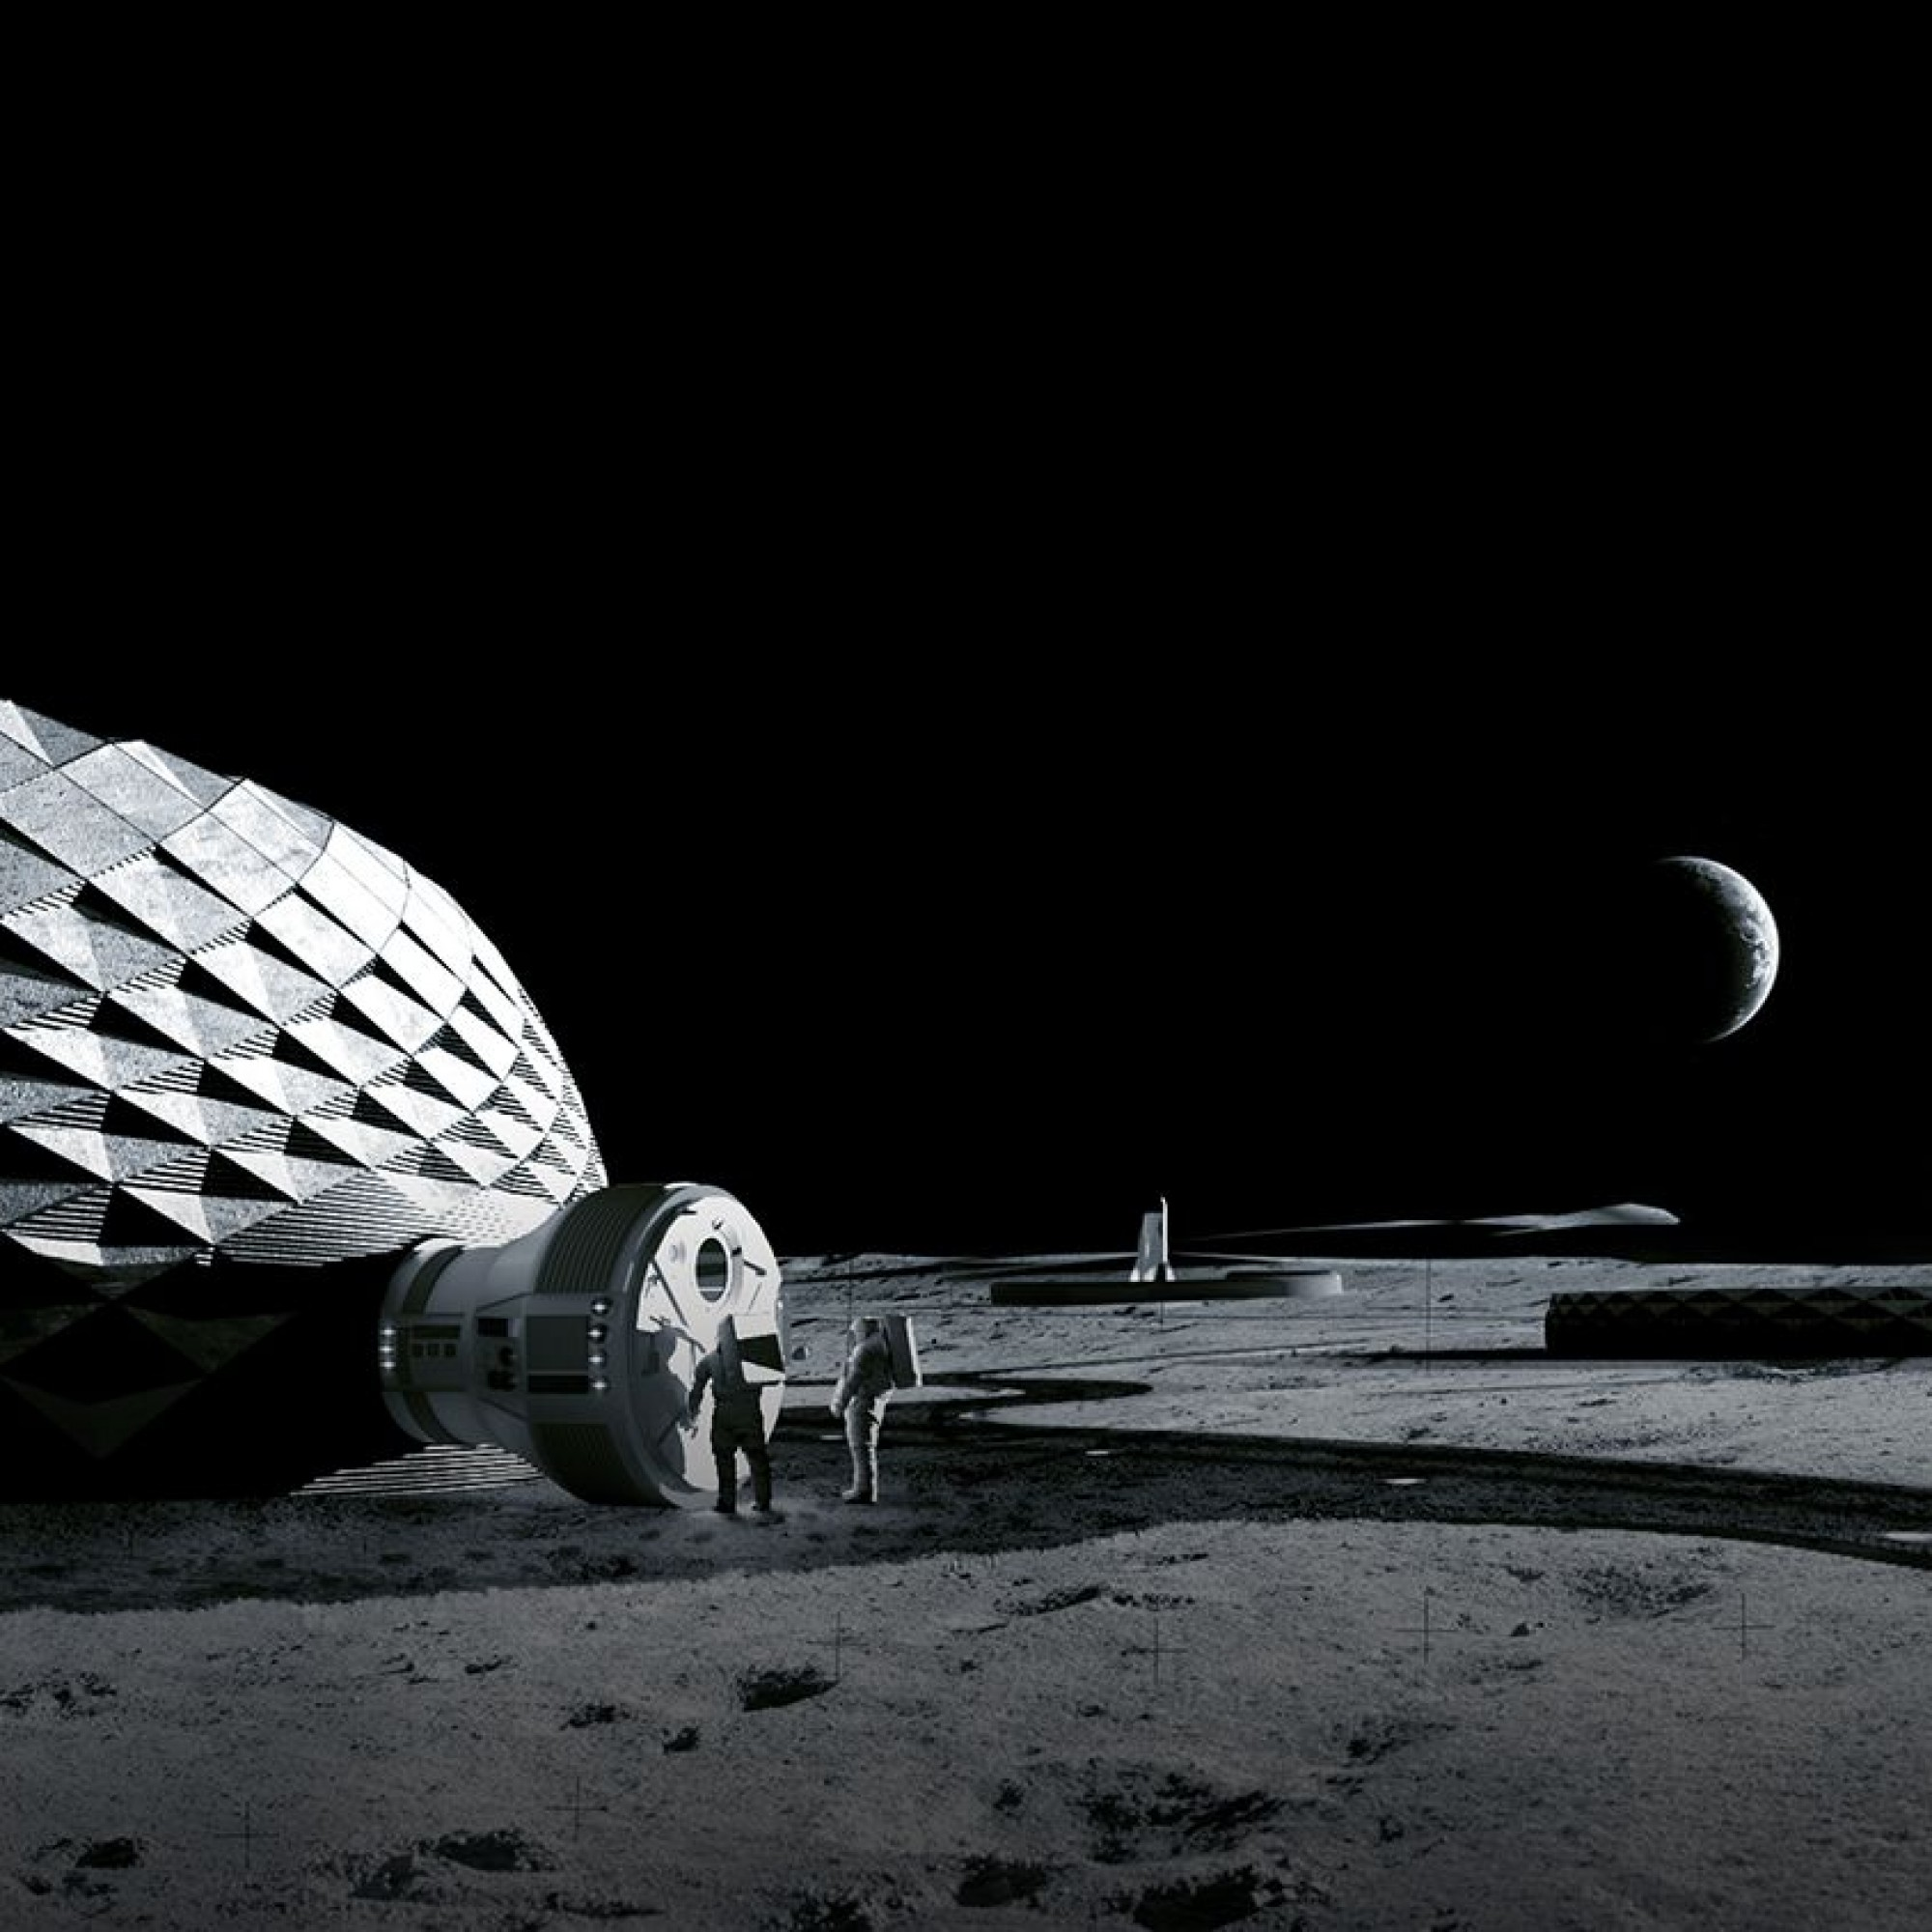 Le cabinet d'architecture BIG développe en collaboration avec ICON et la NASA un projet de station lunaire. Le but est de faire appel à des matériaux de construction locaux et d'utiliser des imprimantes 3D.